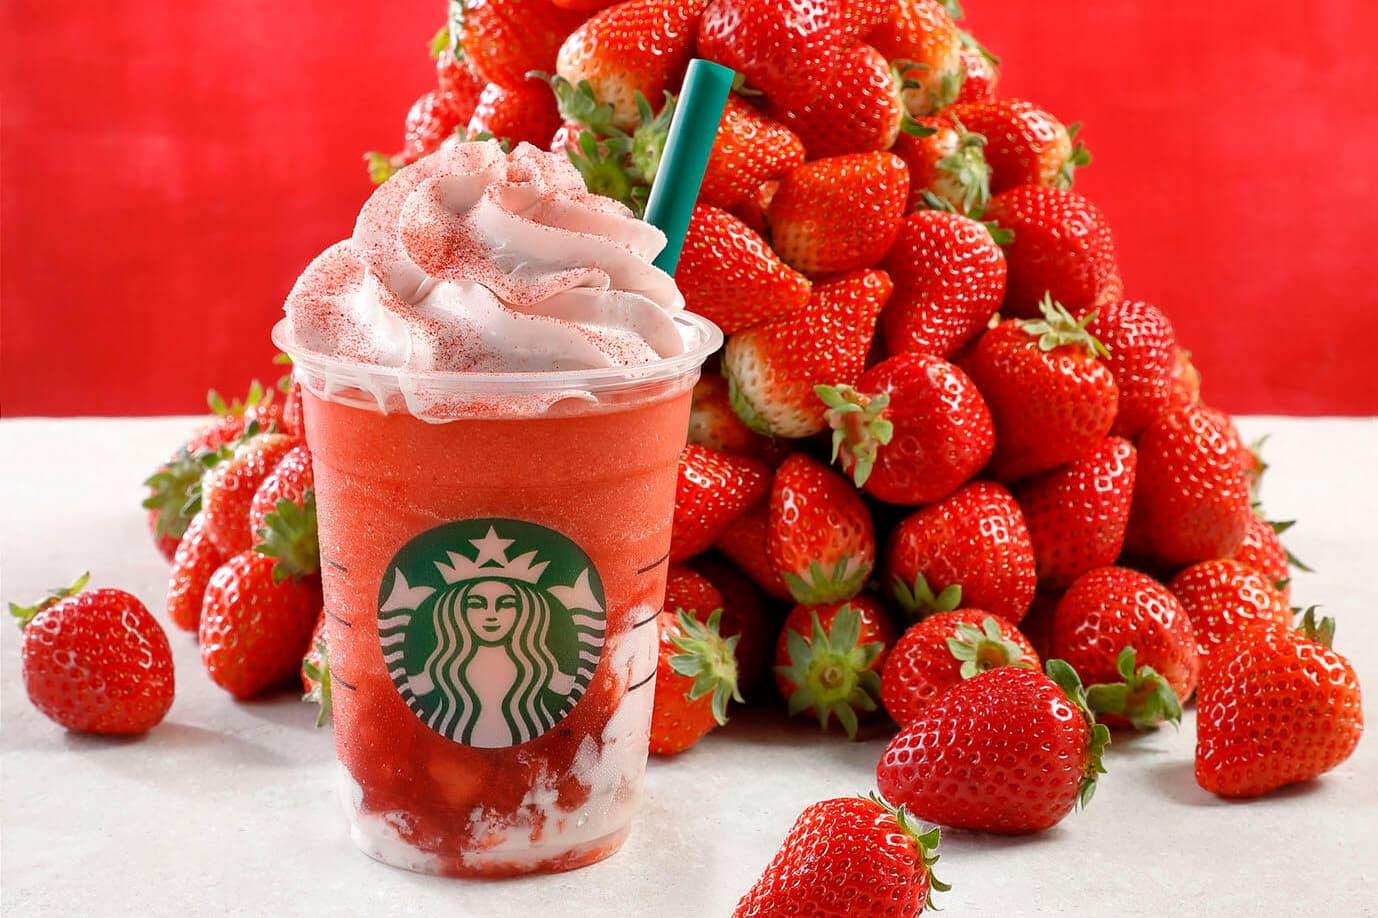 日本 Starbucks 推出全新「草莓星冰樂」